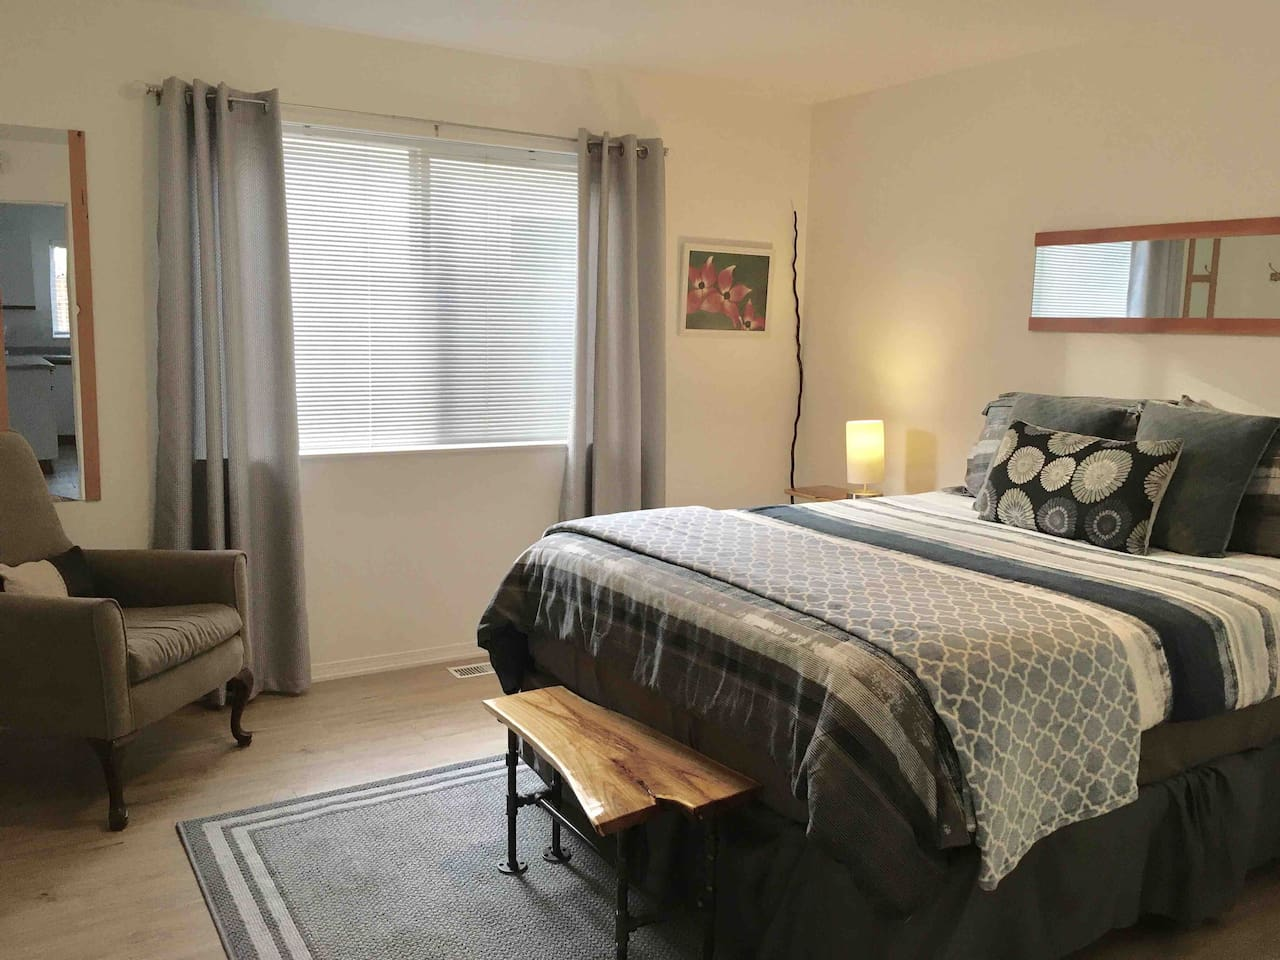 Master bedroom has a comfy queen bed and private en-suite bathroom